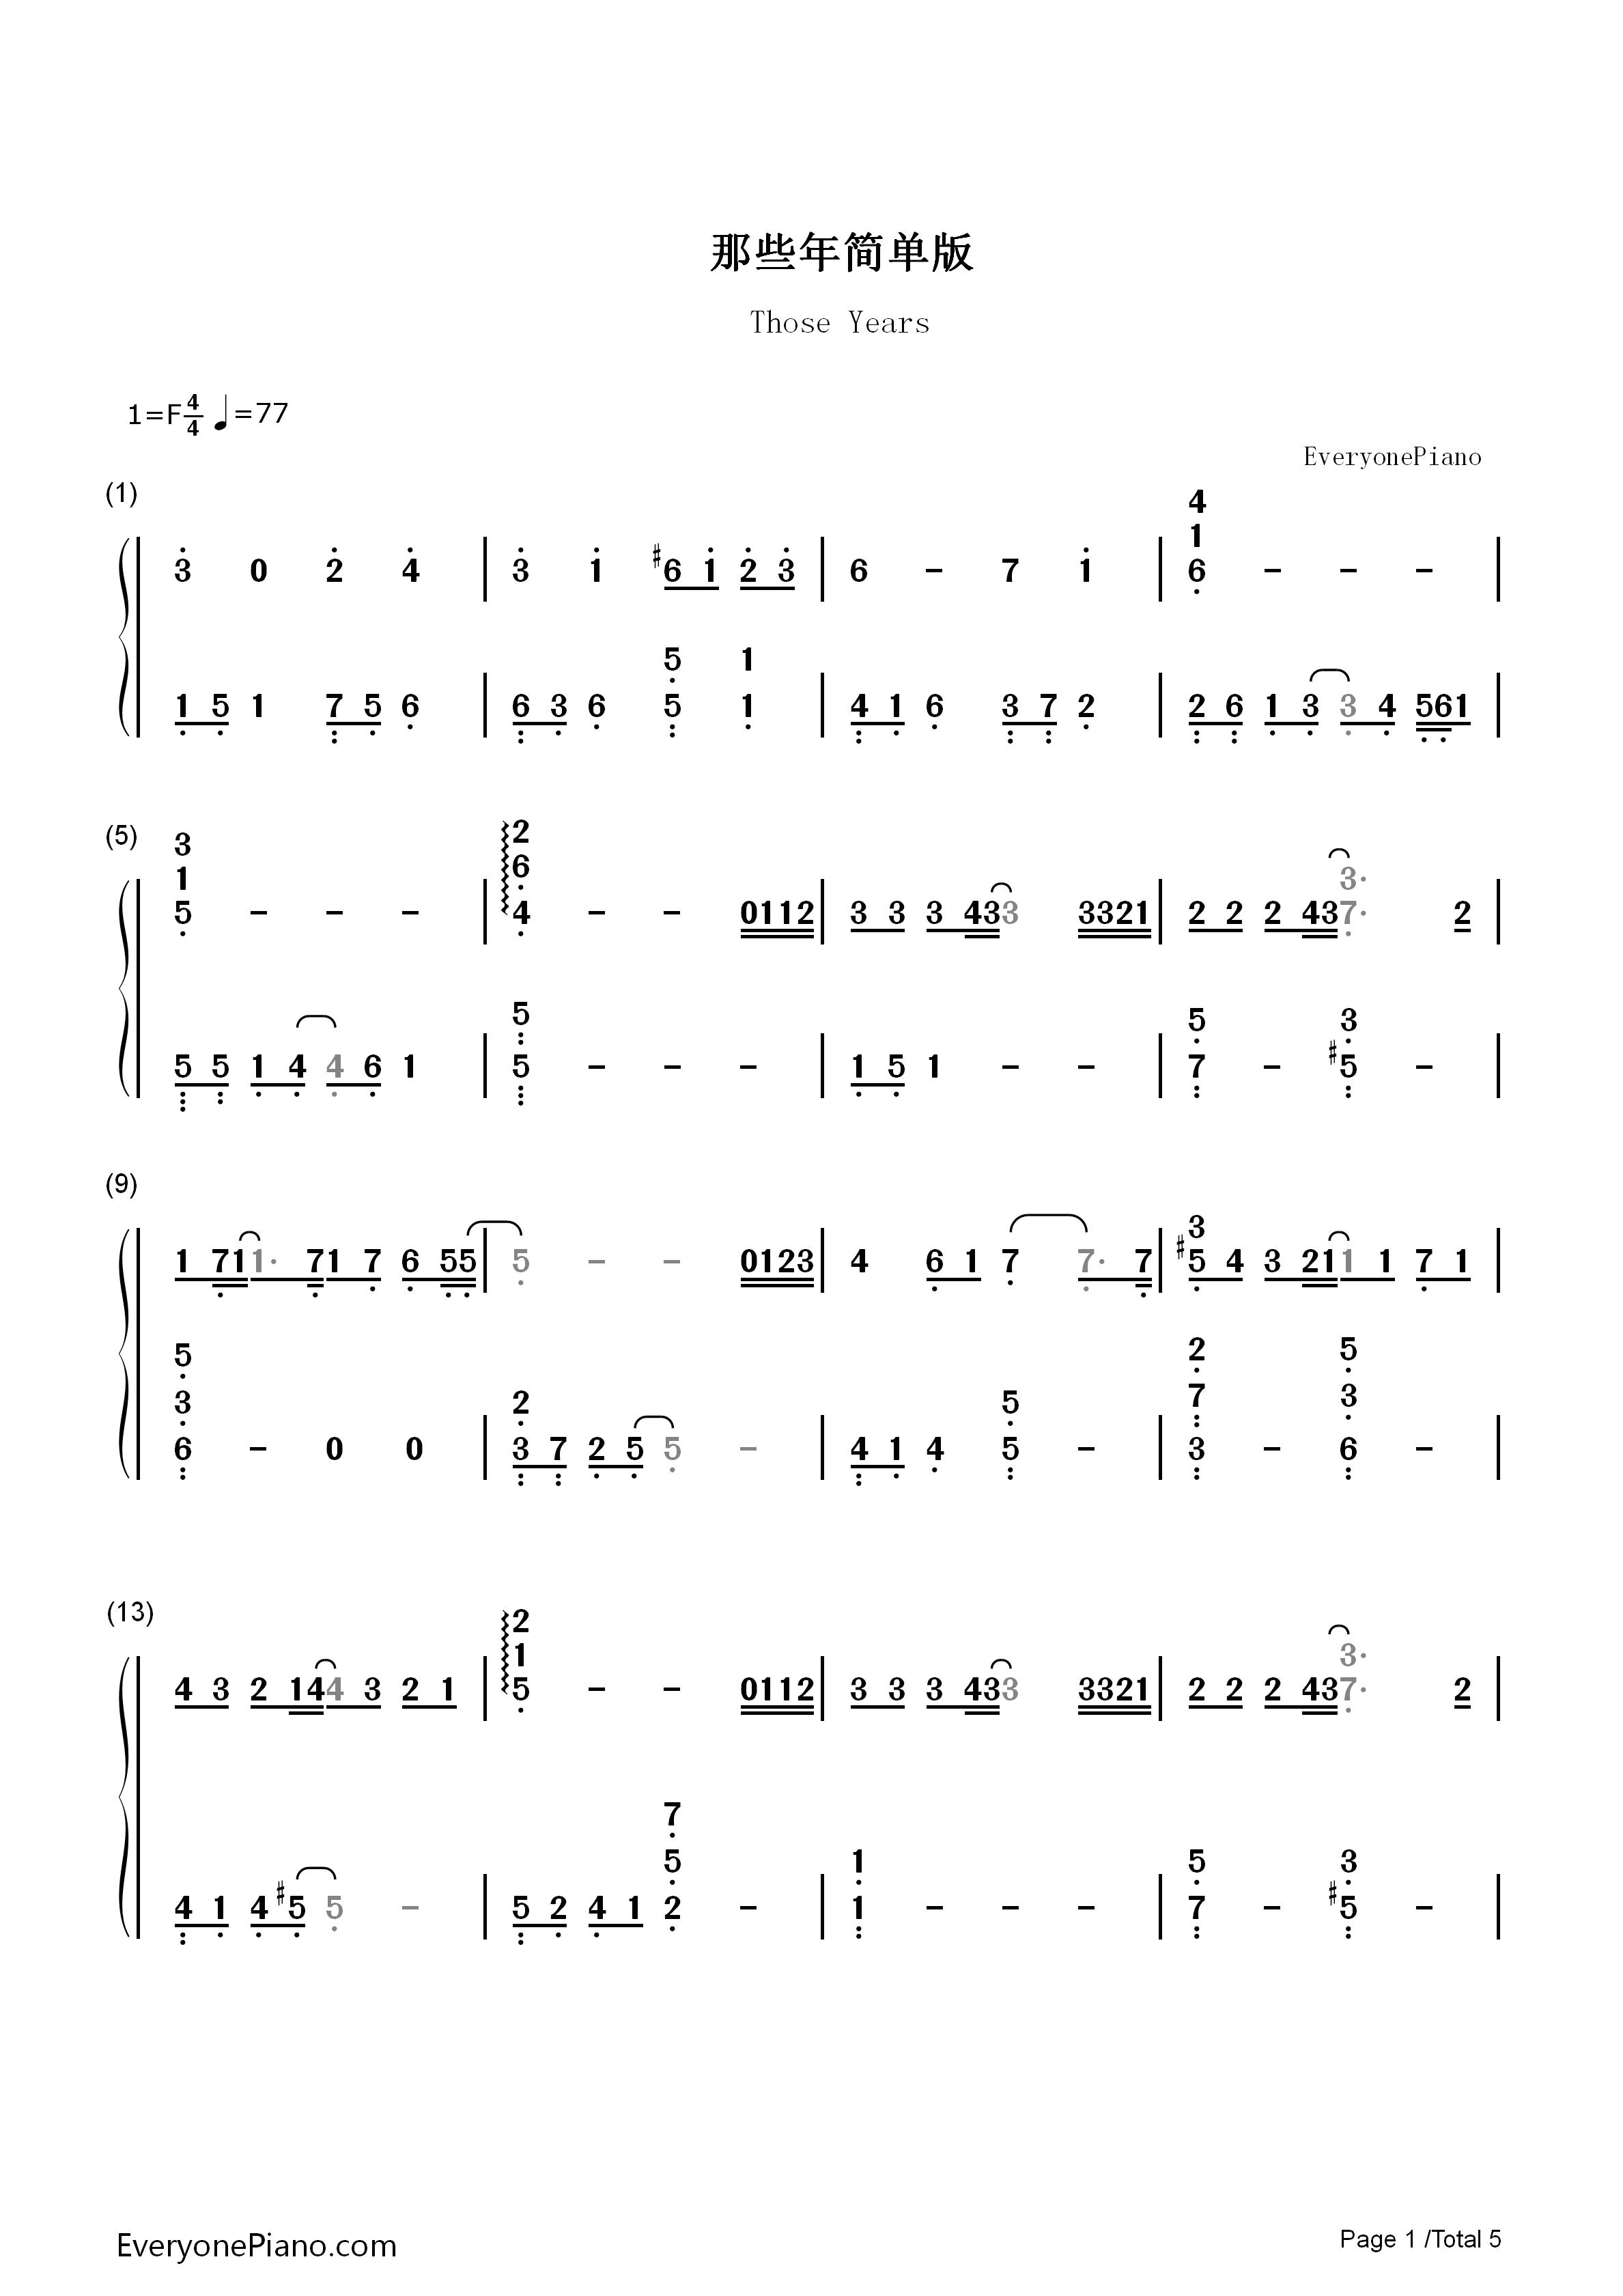 钢琴曲谱 影视 那些年-eop教学曲-胡夏 那些年-eop教学曲-胡夏双手